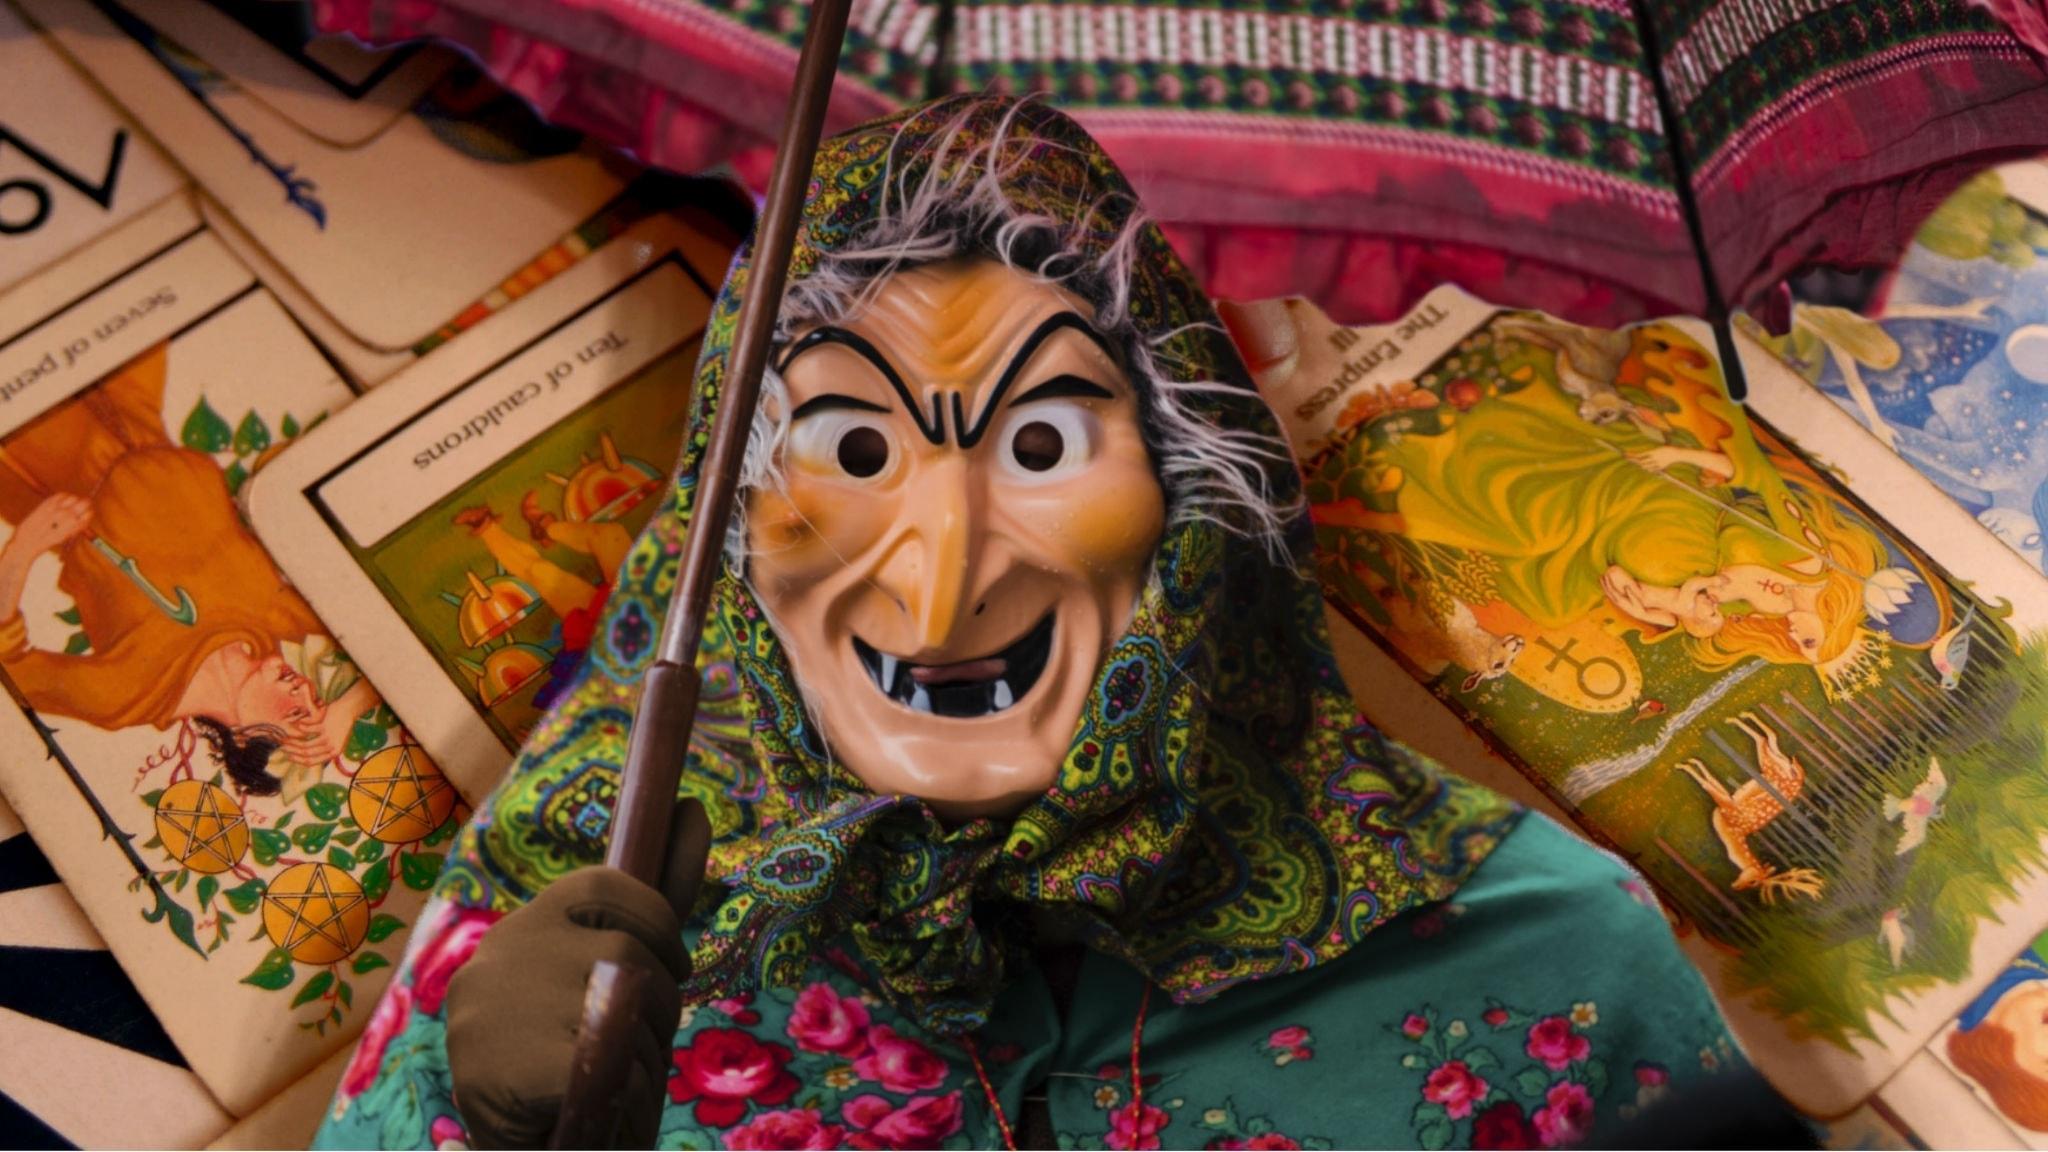 Tarot-tider: När kommer de radikala häxorna tillbaka?